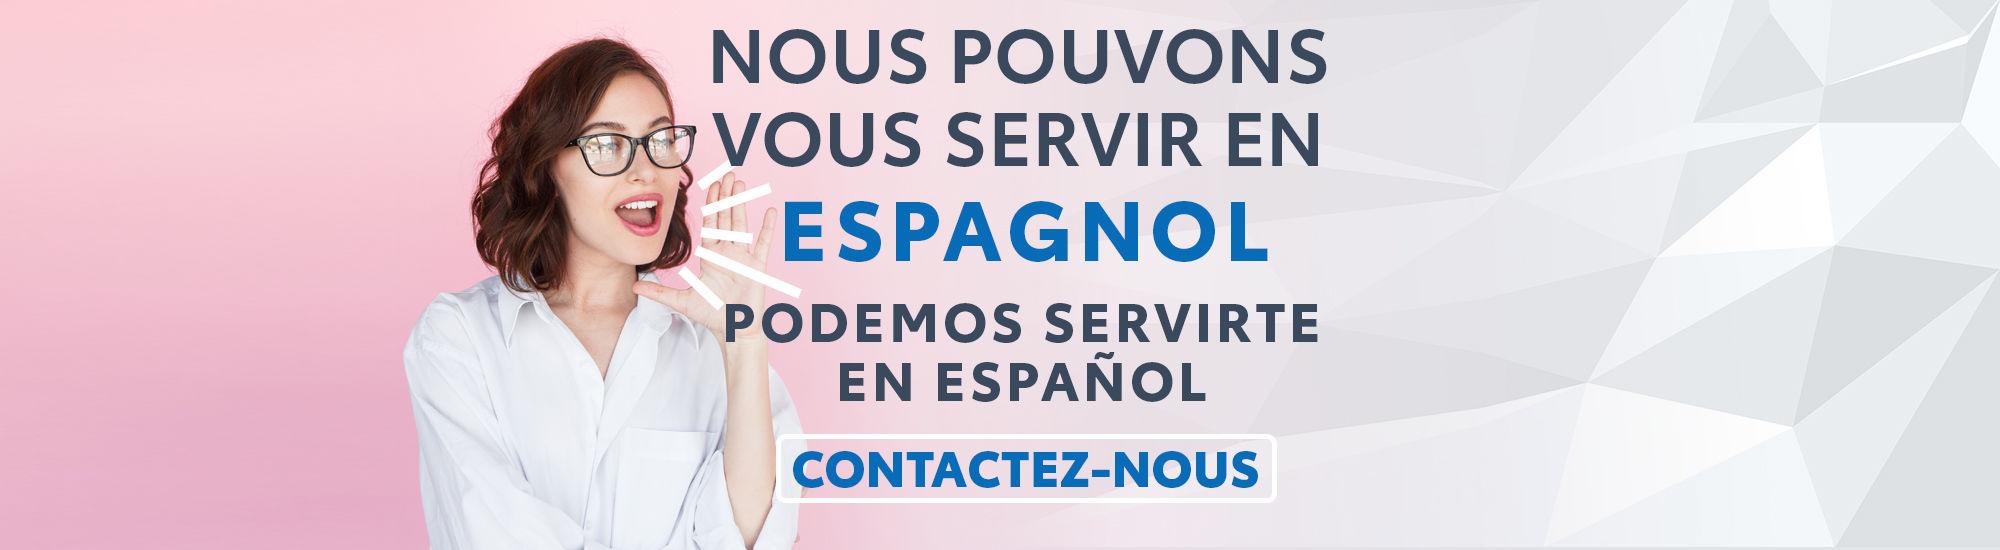 Nous pouvons vous servir en espagnol